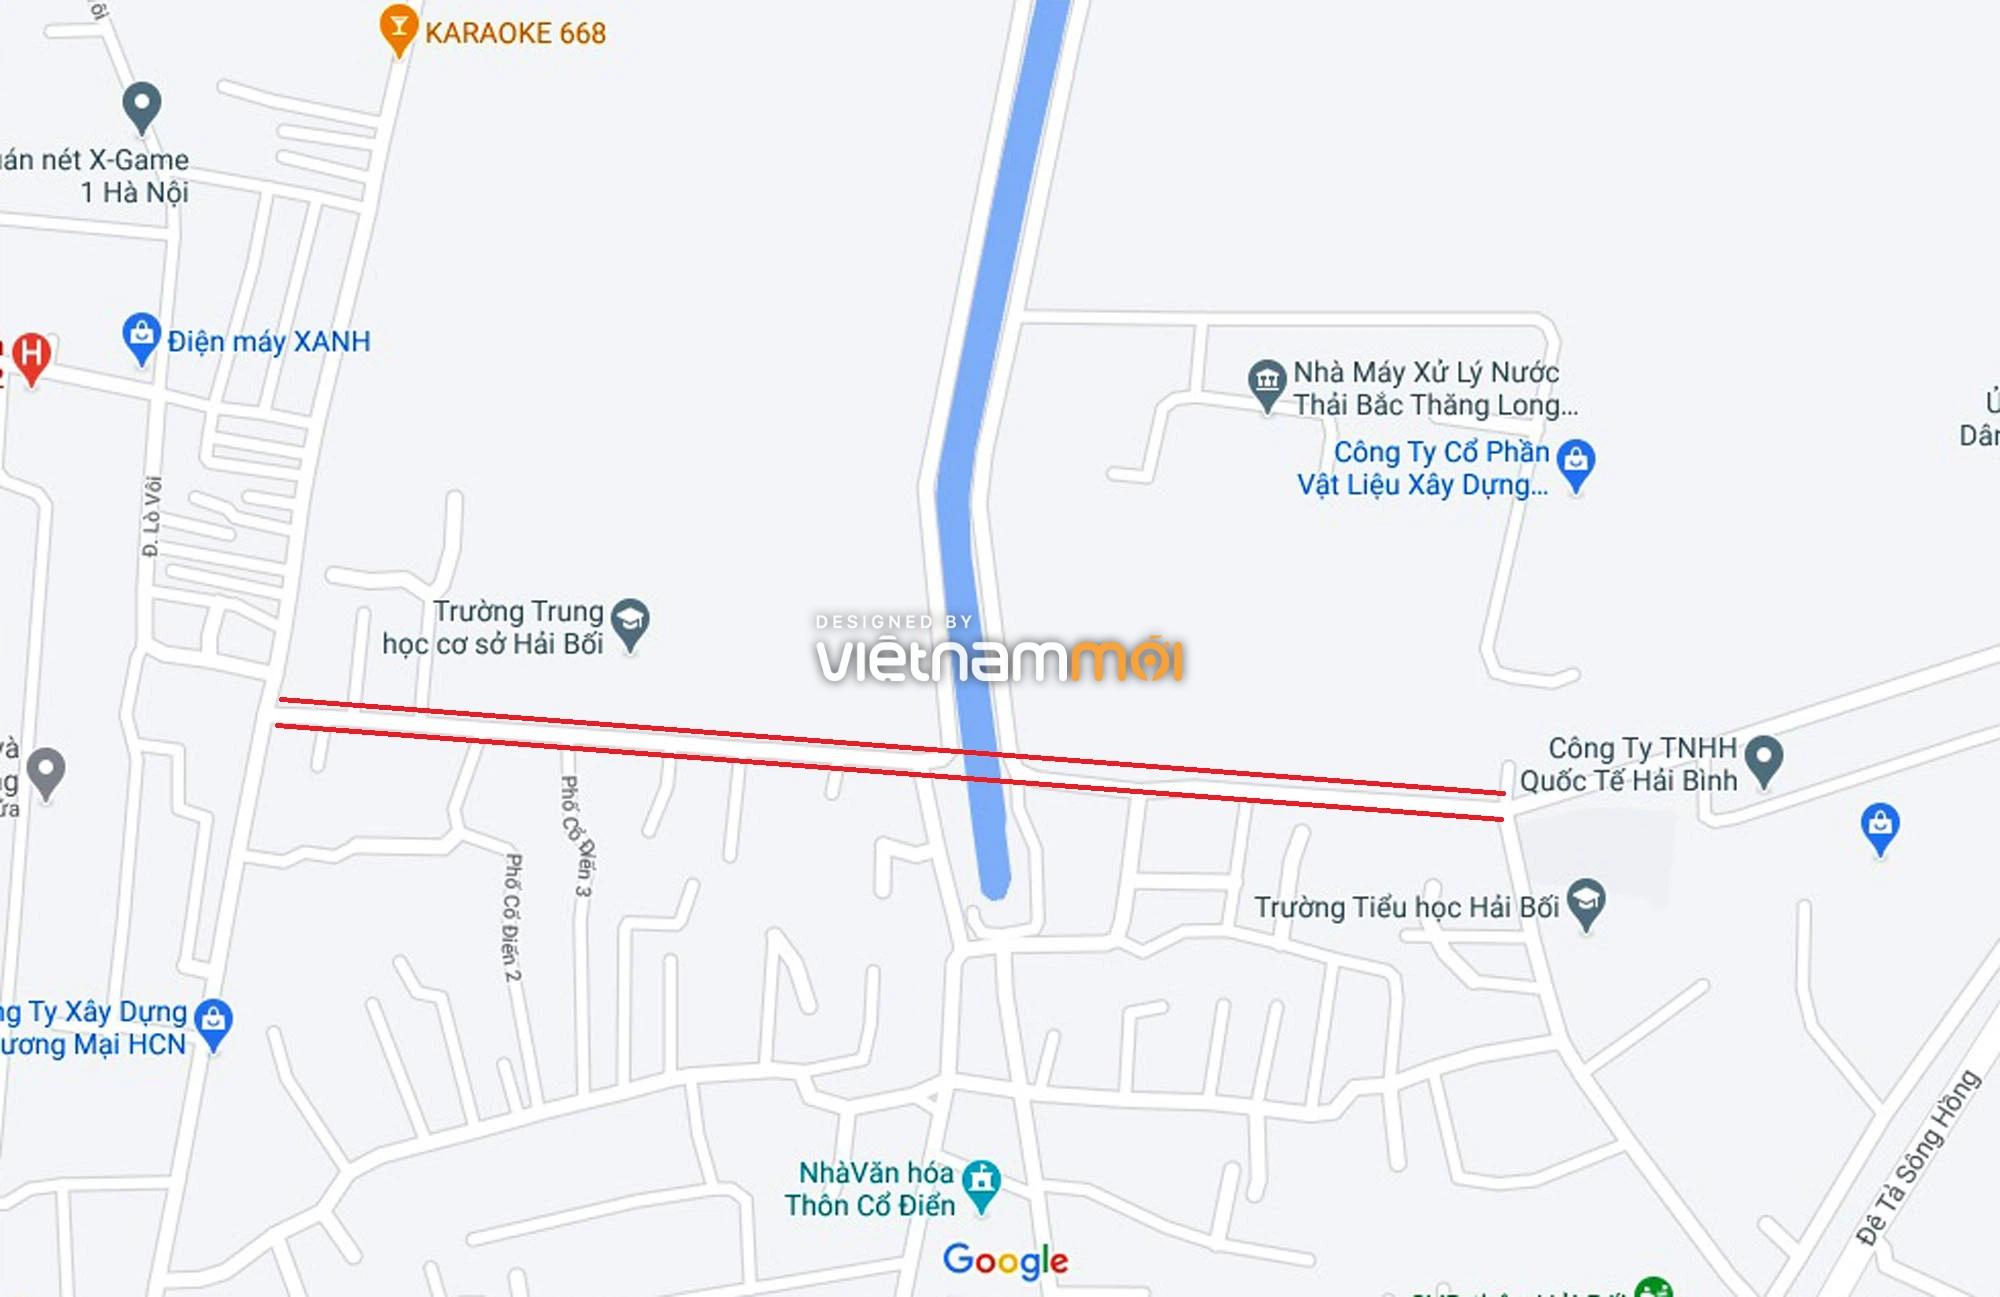 Đường sẽ mở theo quy hoạch ở xã Hải Bối, Đông Anh, Hà Nội (phần 2) - Ảnh 2.